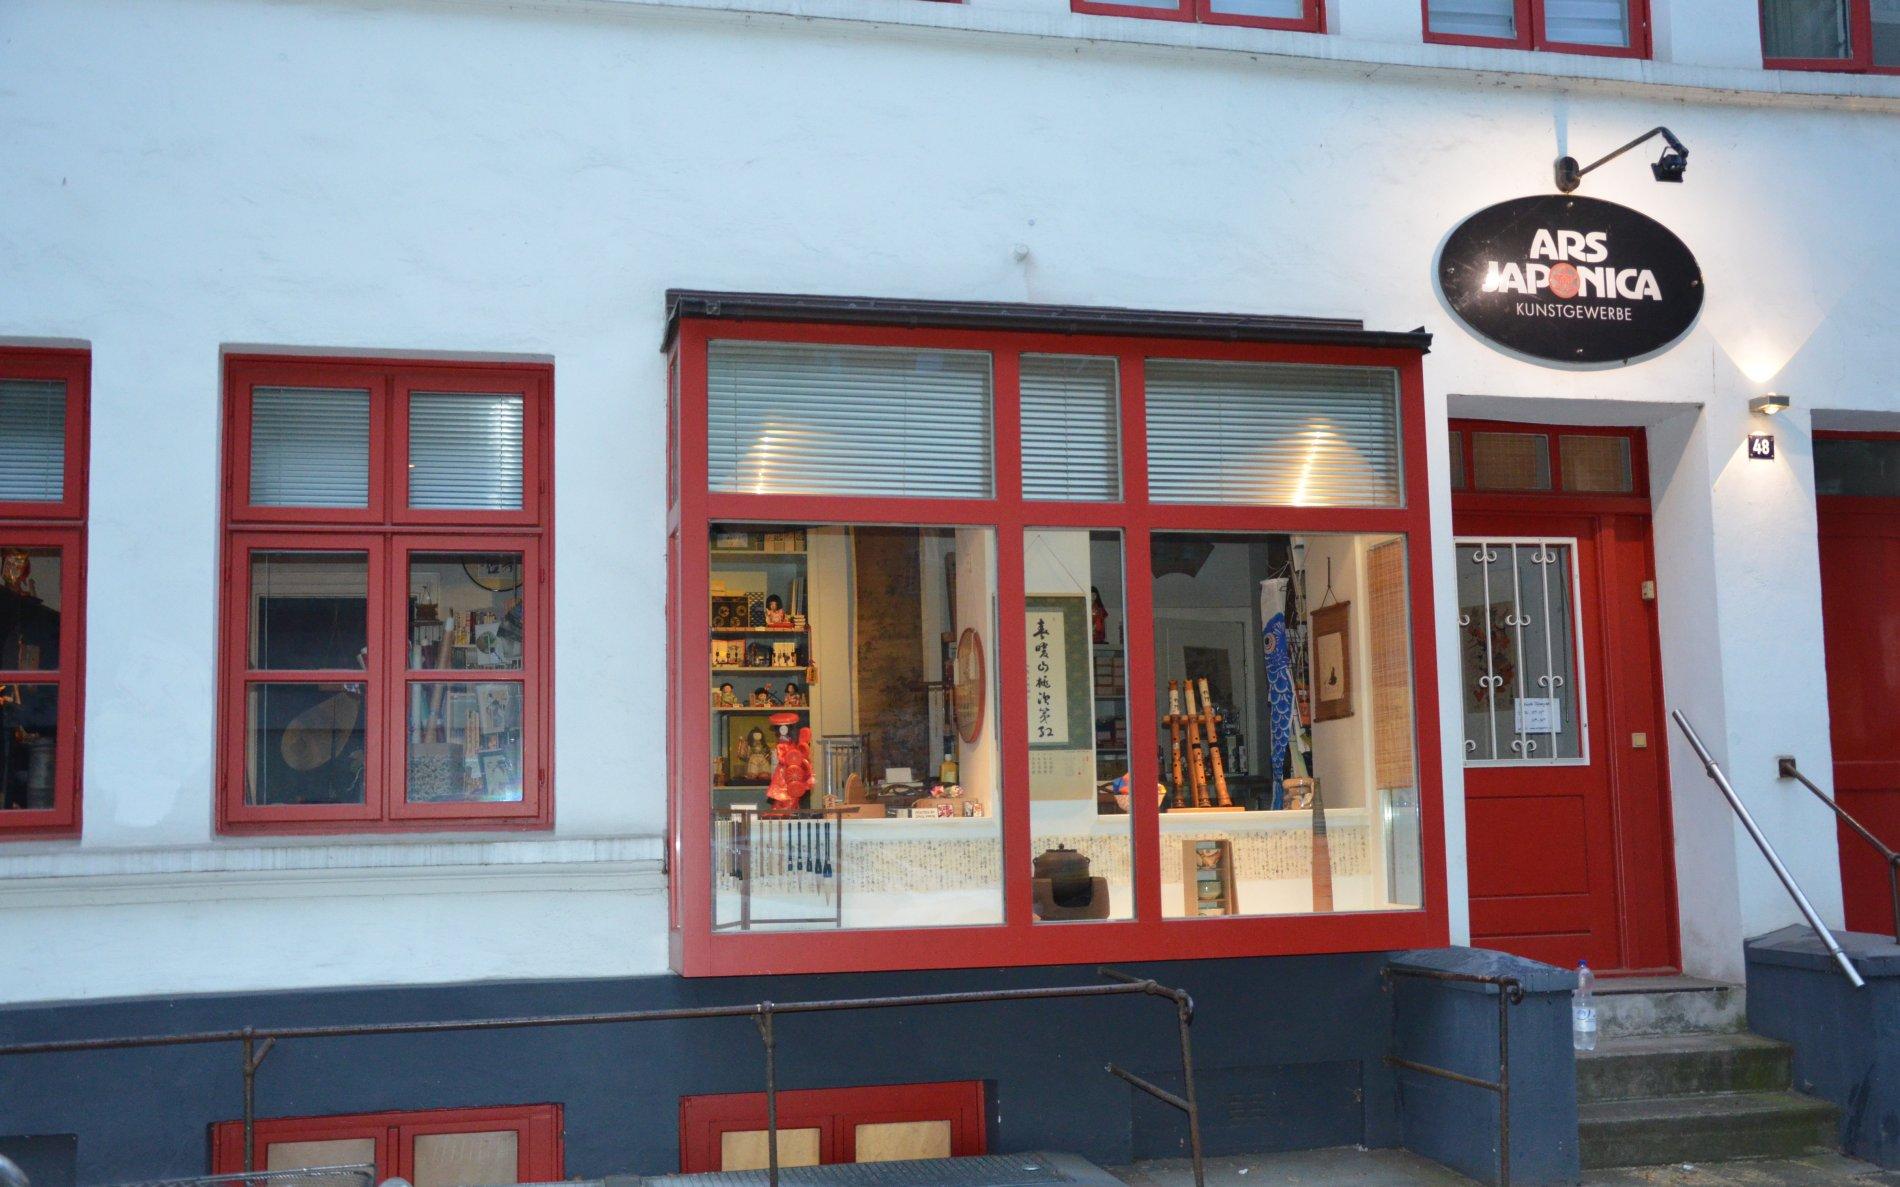 Japanisches Kunsthandwerkergeschäft in St. Pauli